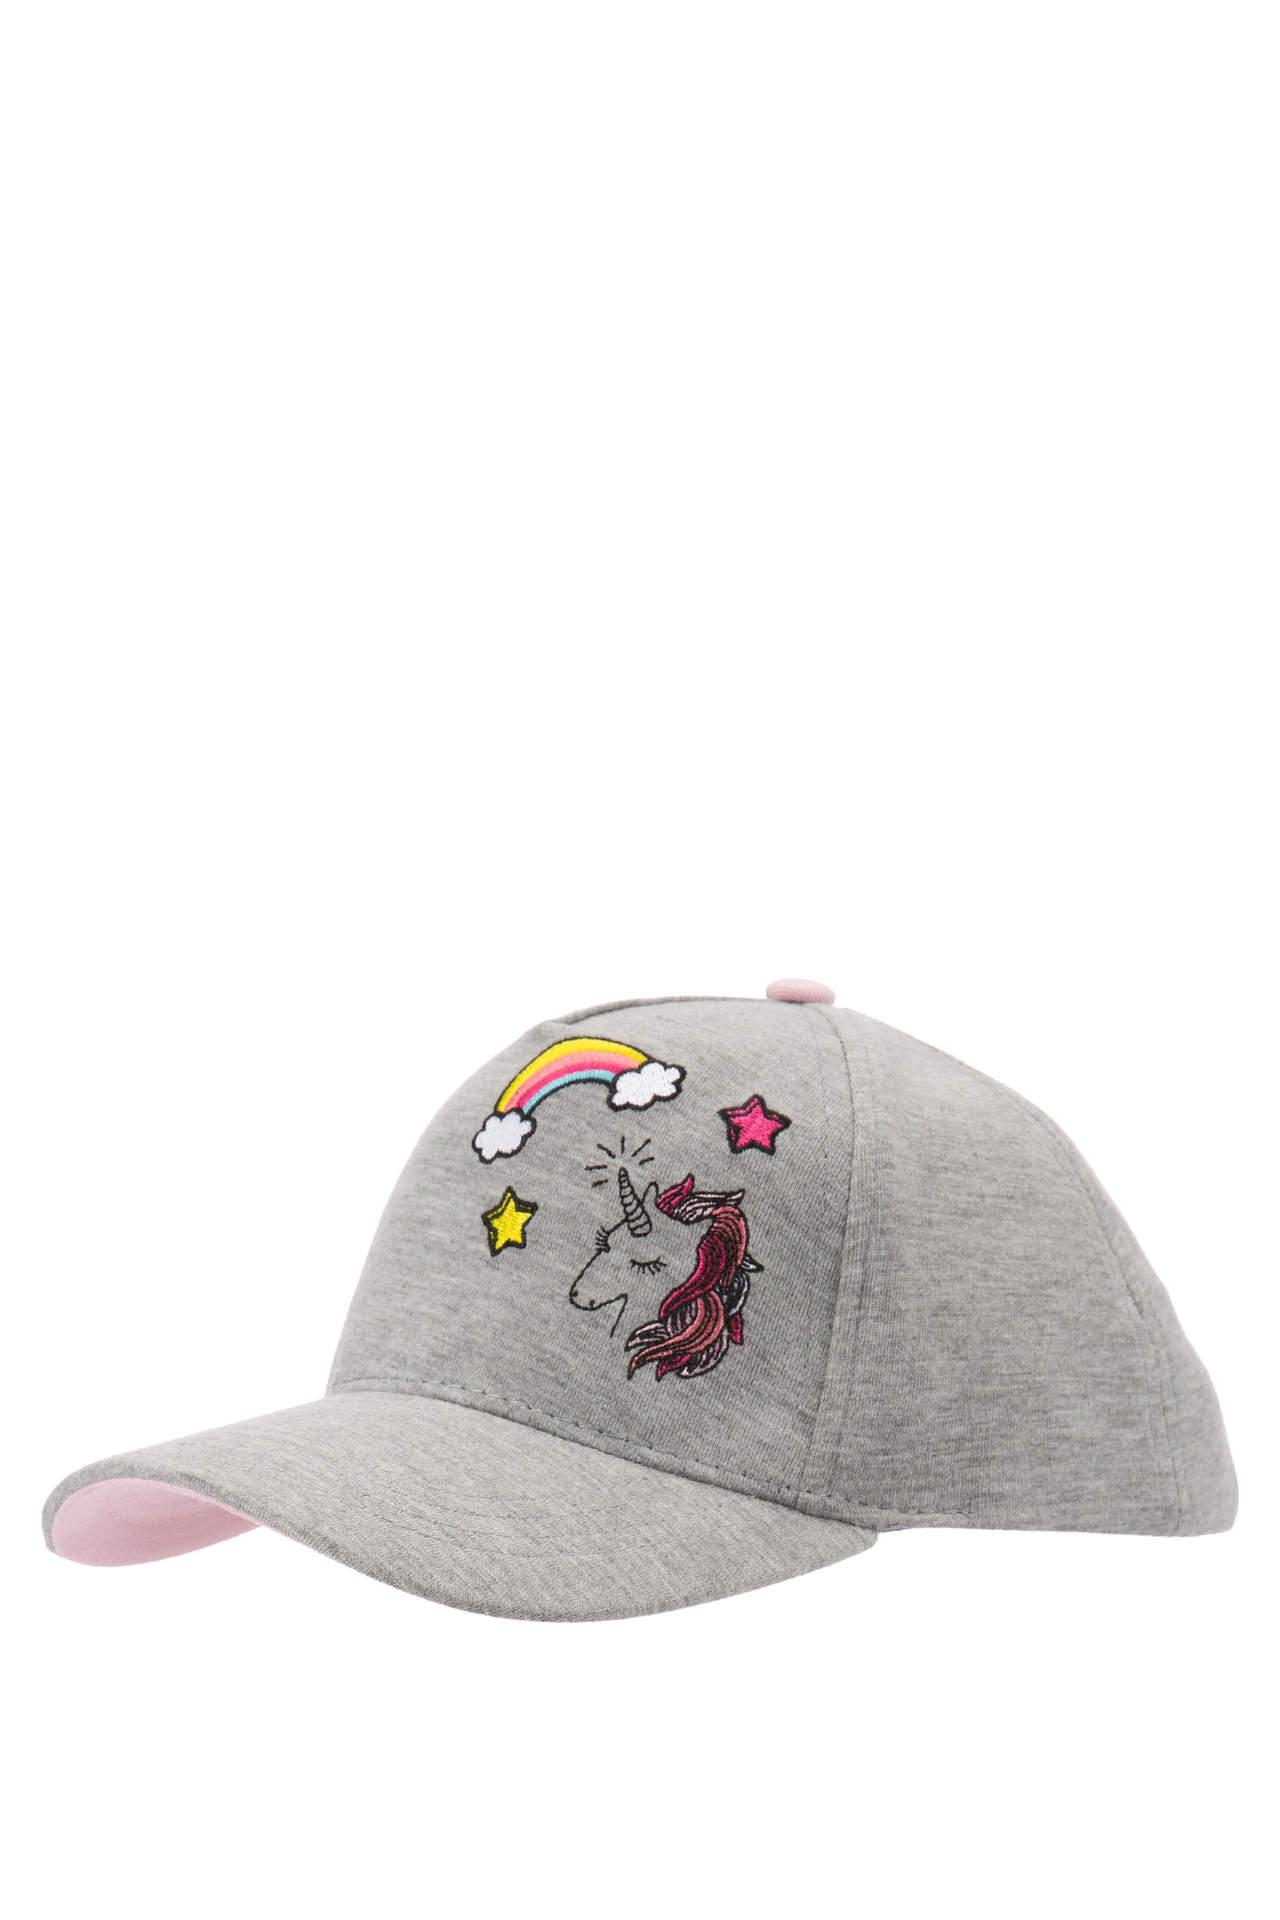 DeFacto Kız Çocuk Baskılı Şapka Gri female